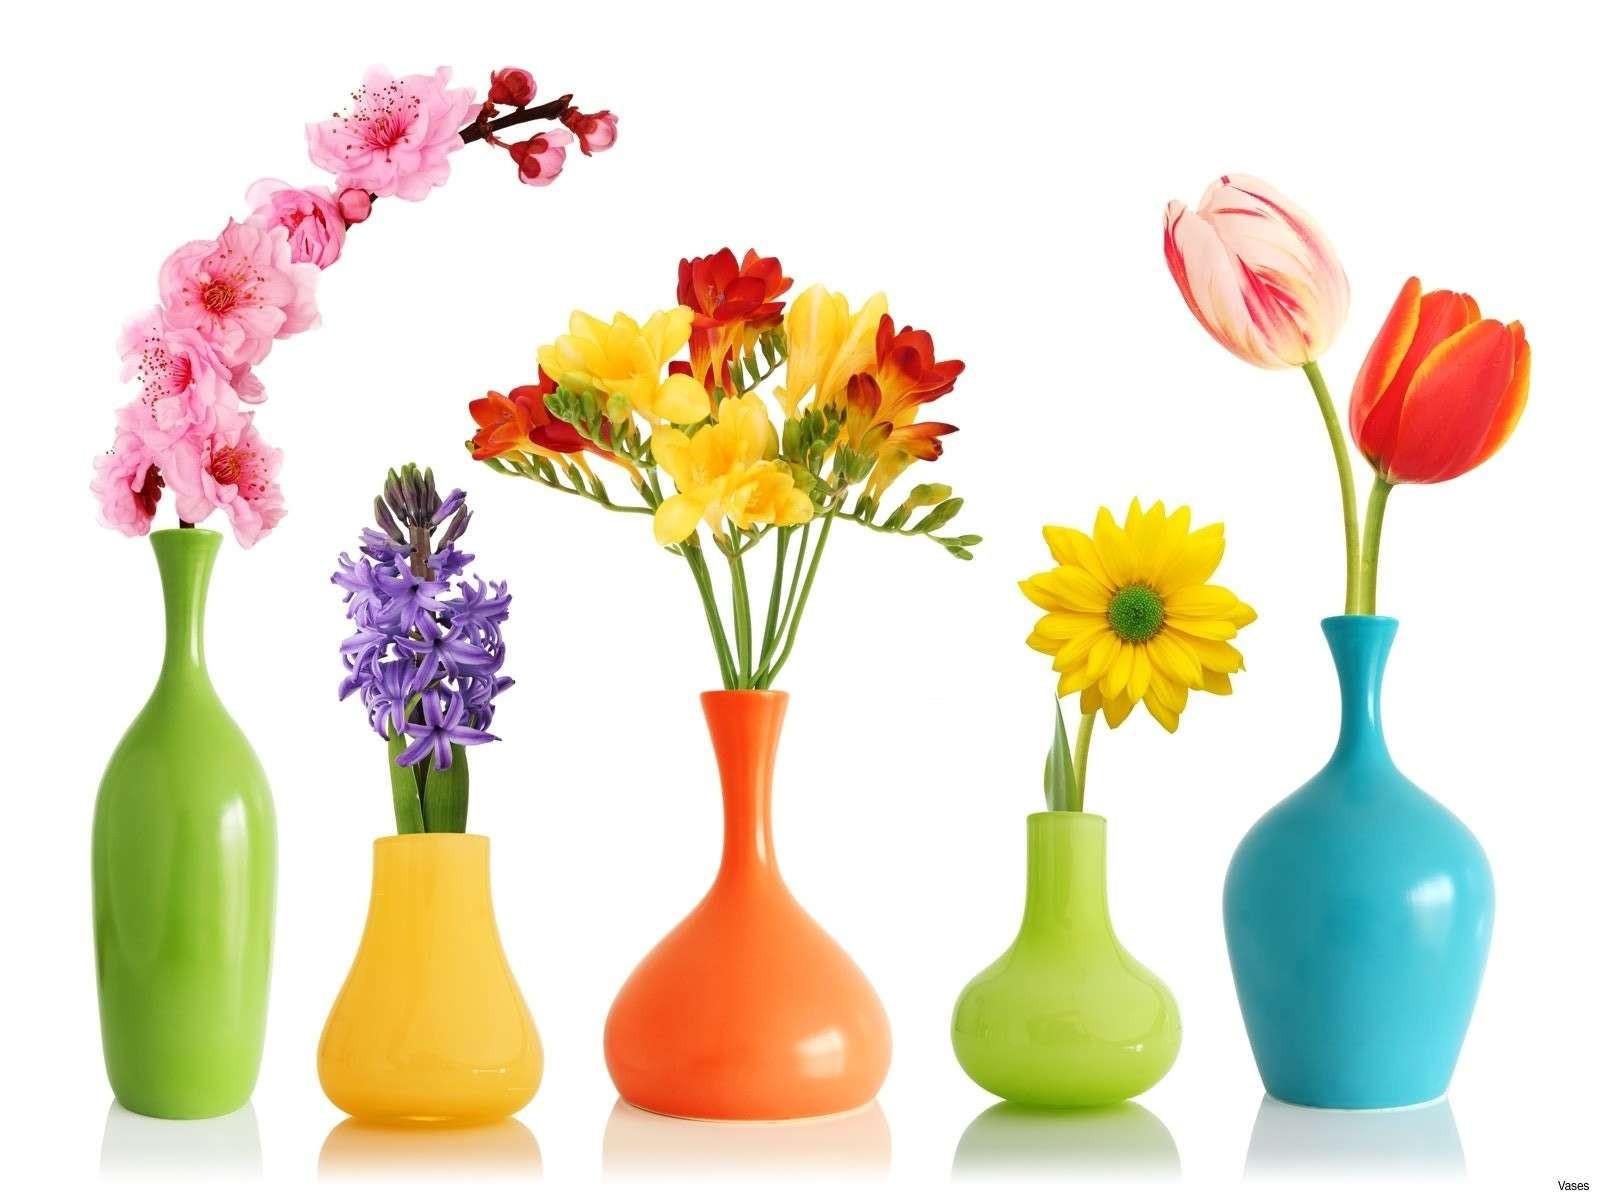 flower arrangements in vases images of awesome colorful etched vasesh vases flower vase i 0d design ideas throughout awesome colorful etched vasesh vases flower vase i 0d design ideas flower bouquet